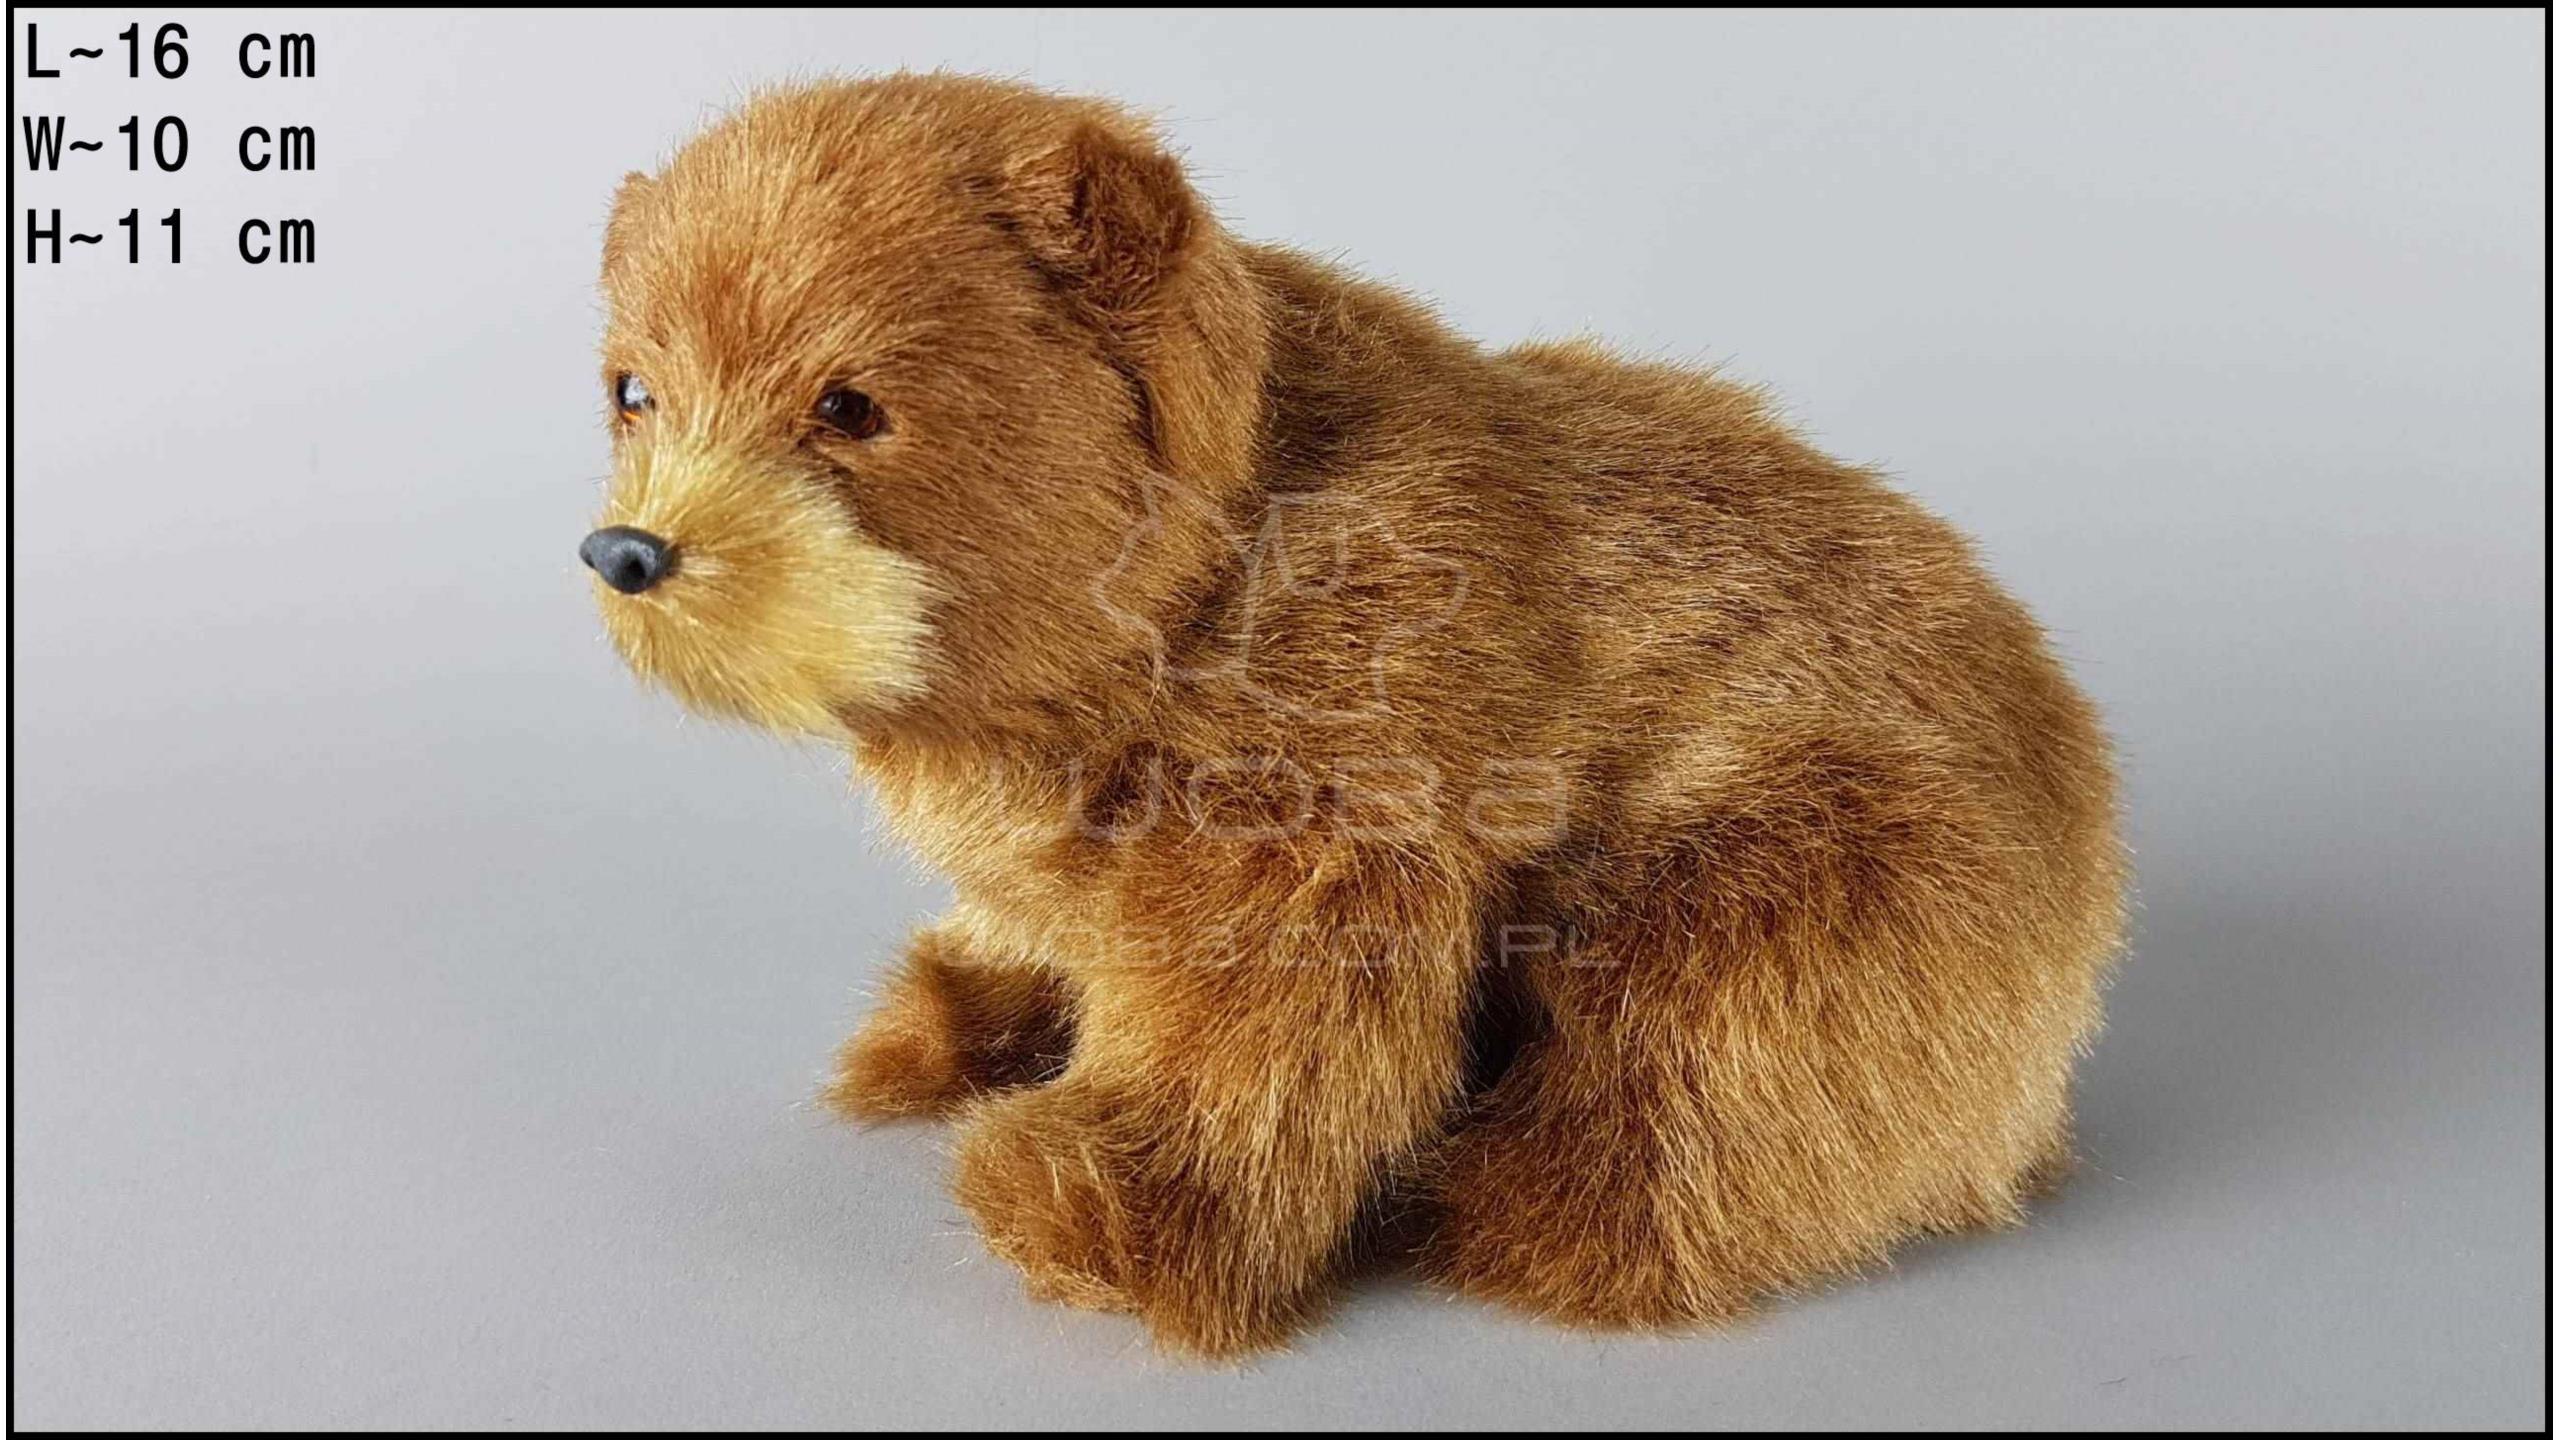 Brown bear - Sitting